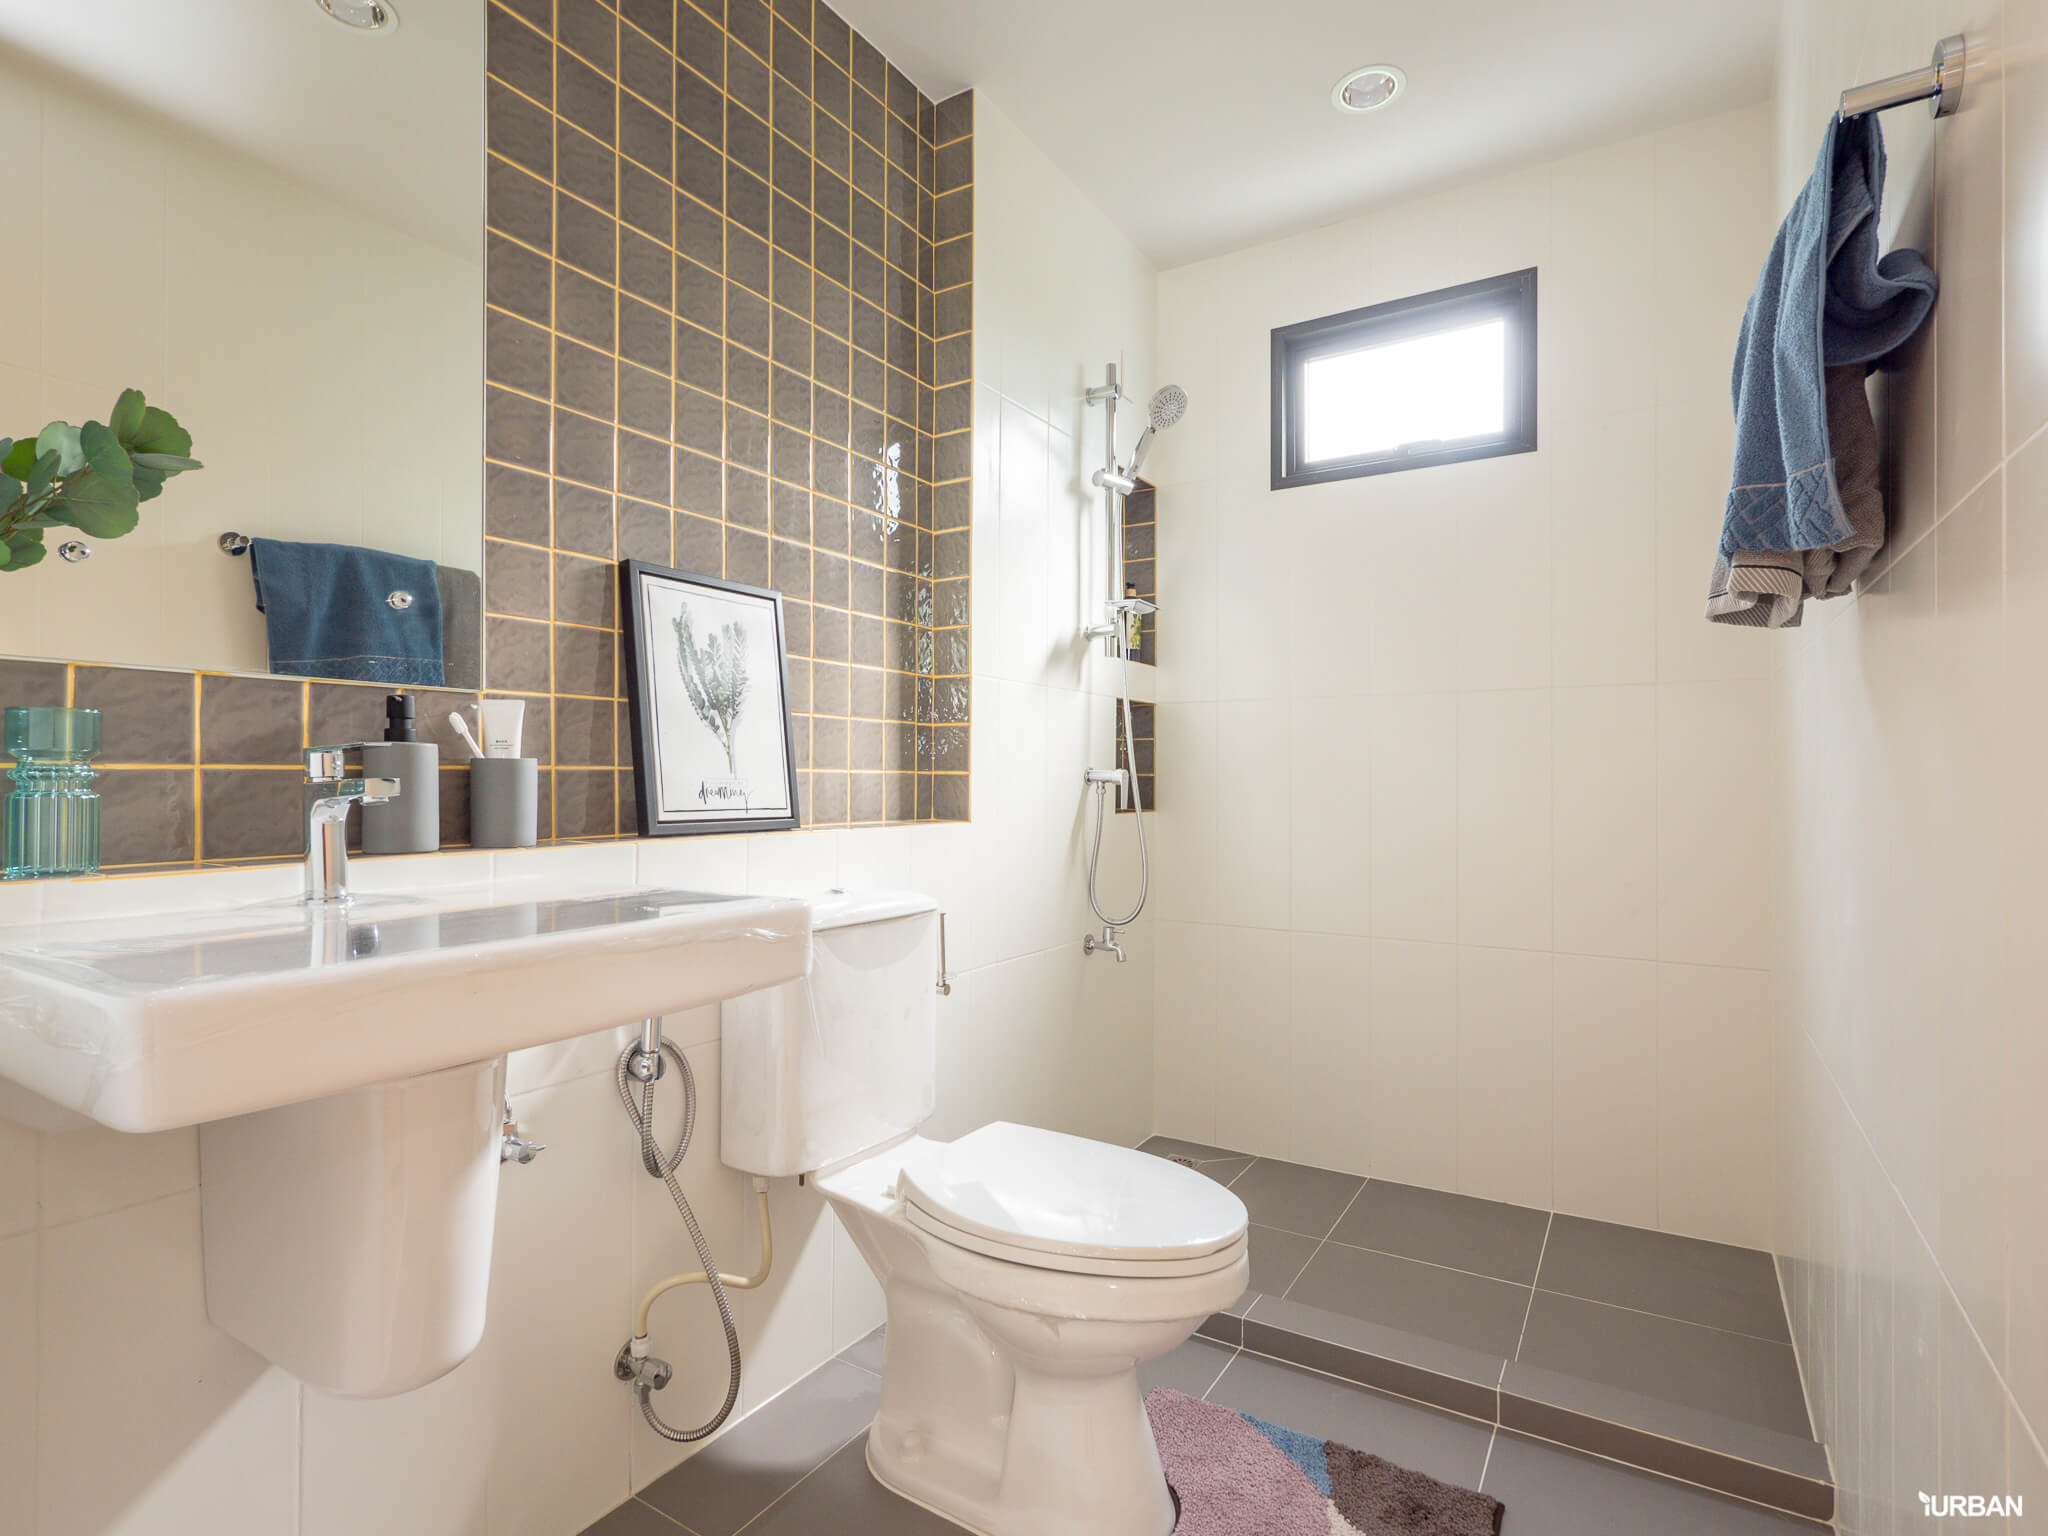 รีวิว อณาสิริ ชัยพฤกษ์-วงแหวน เมื่อแสนสิริออกแบบบ้านใหม่ Feel Just Right ใช้งานได้ลงตัว 92 - Anasiri